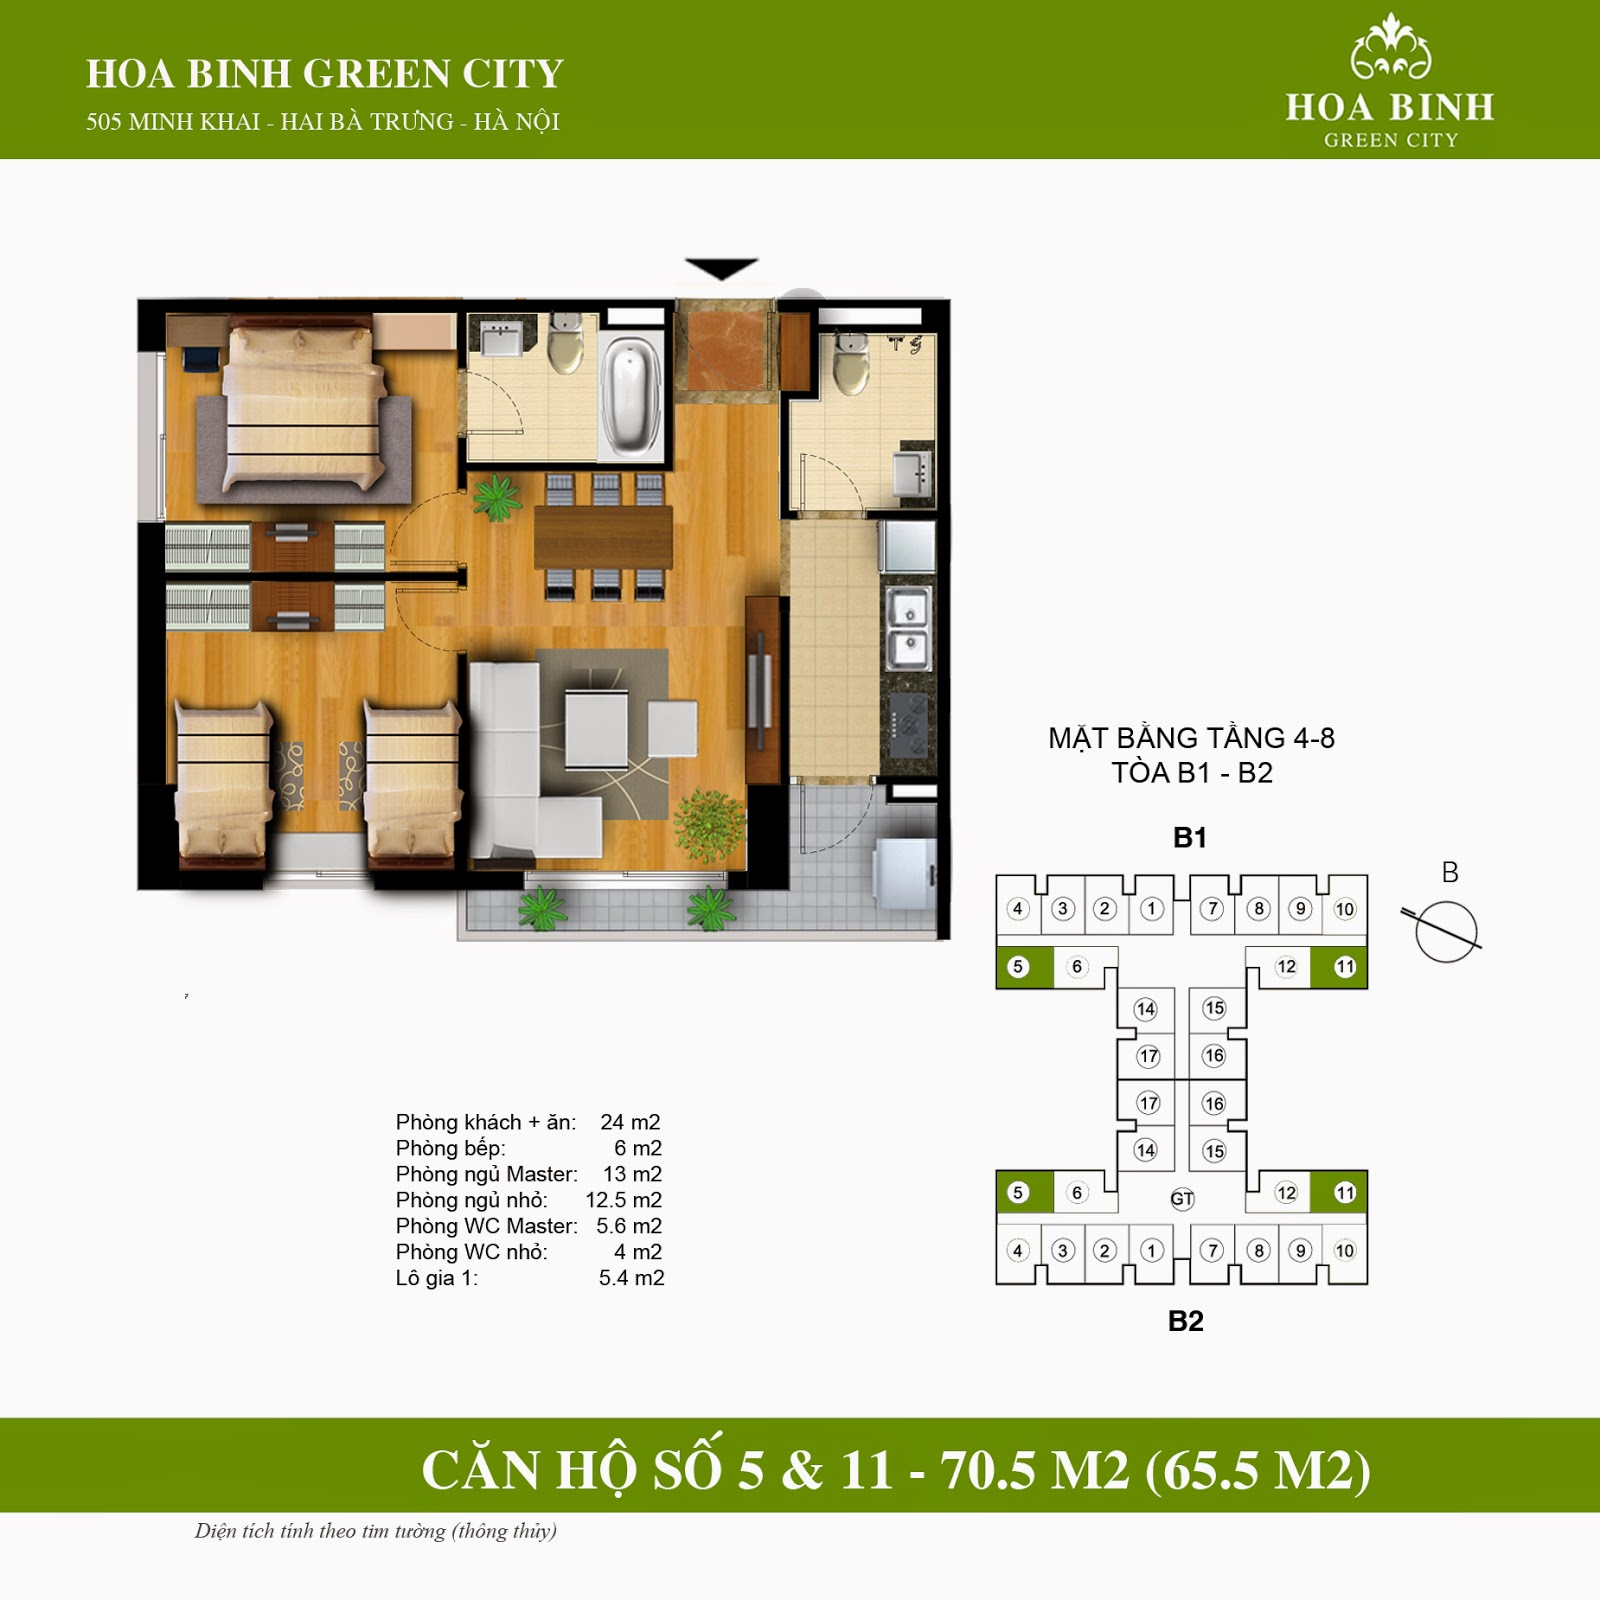 Hòa Bình Green City B 70,5m2